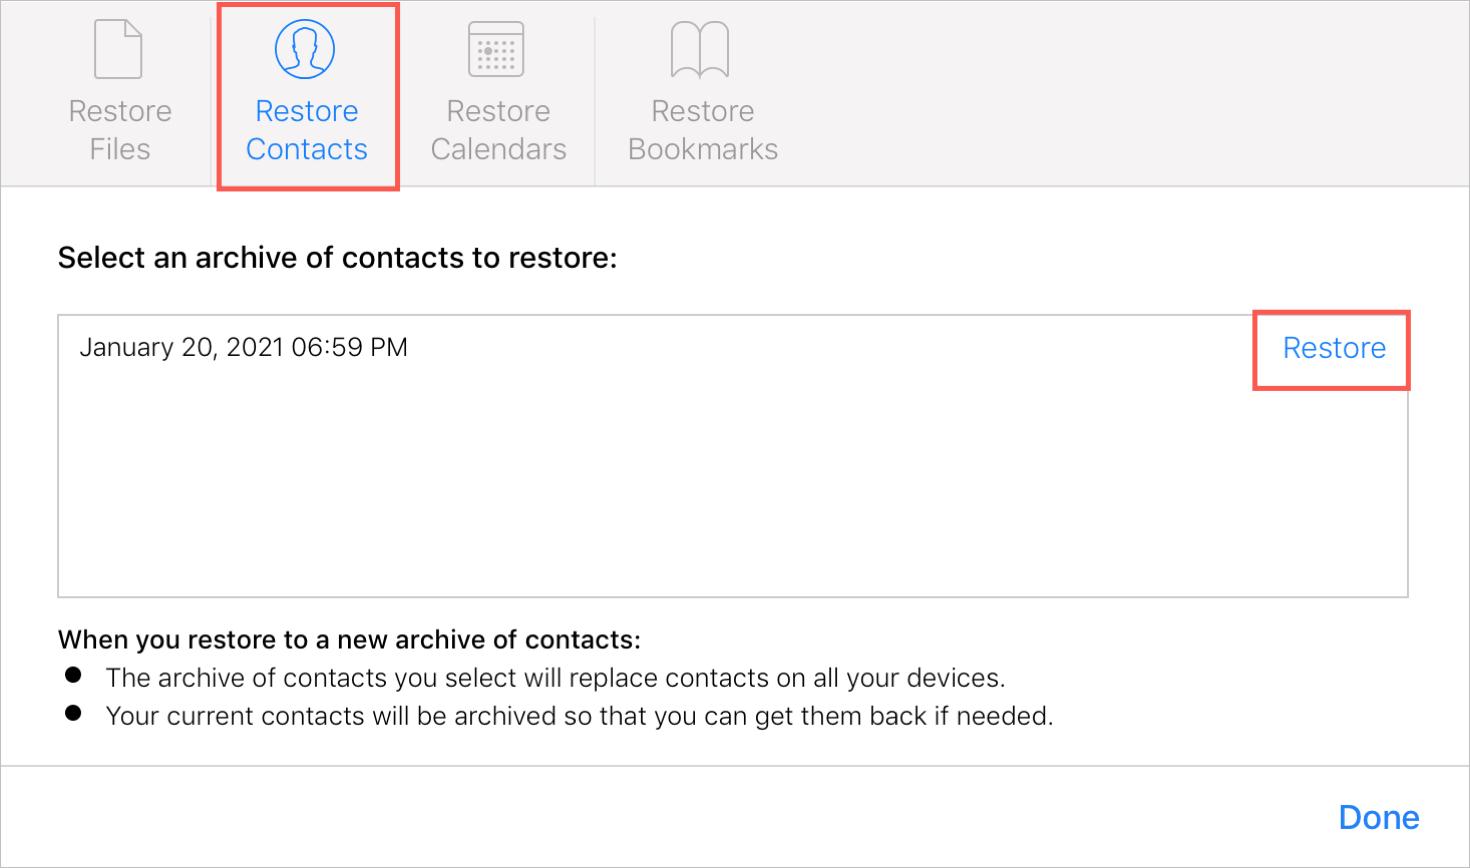 Sélectionnez Archiver pour restaurer les contacts sur iCloud